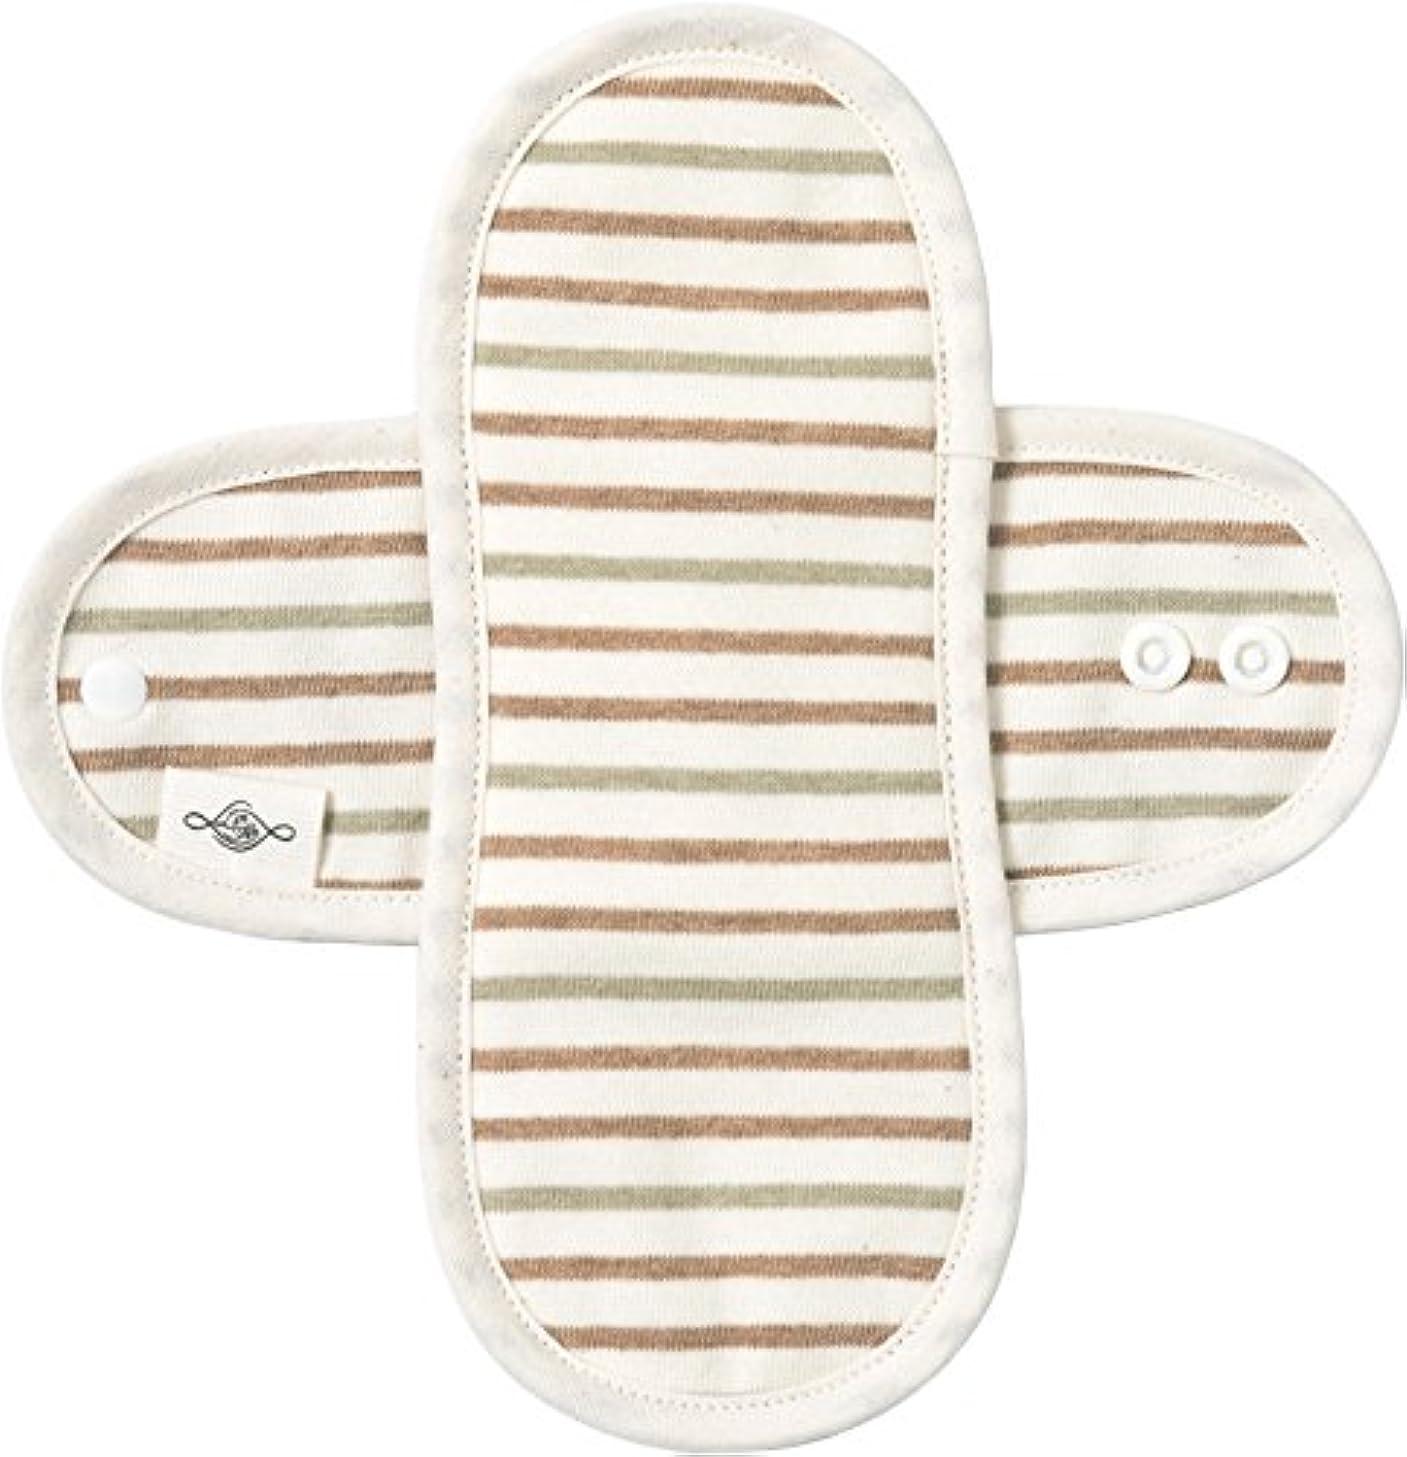 発生器アンプパン屋Lintenオーガニックコットン布ナプキン Mサイズ羽付きタイプ 普通の日用 防水布入り (マルチボーダー)